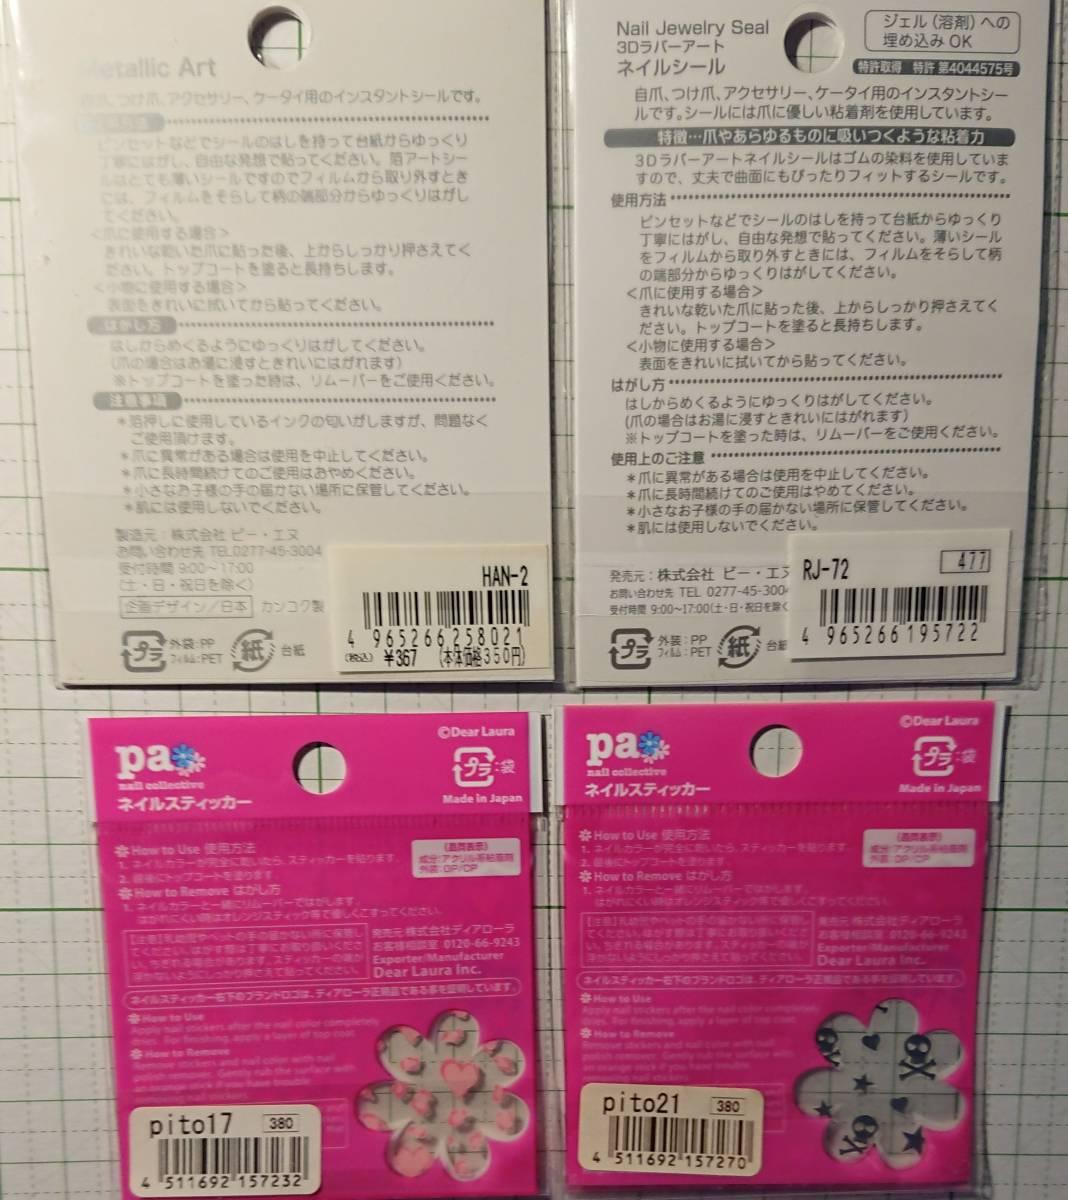 ★ネイルシール 1587円分 4点まとめてセット 送料込み 定価の半額以下